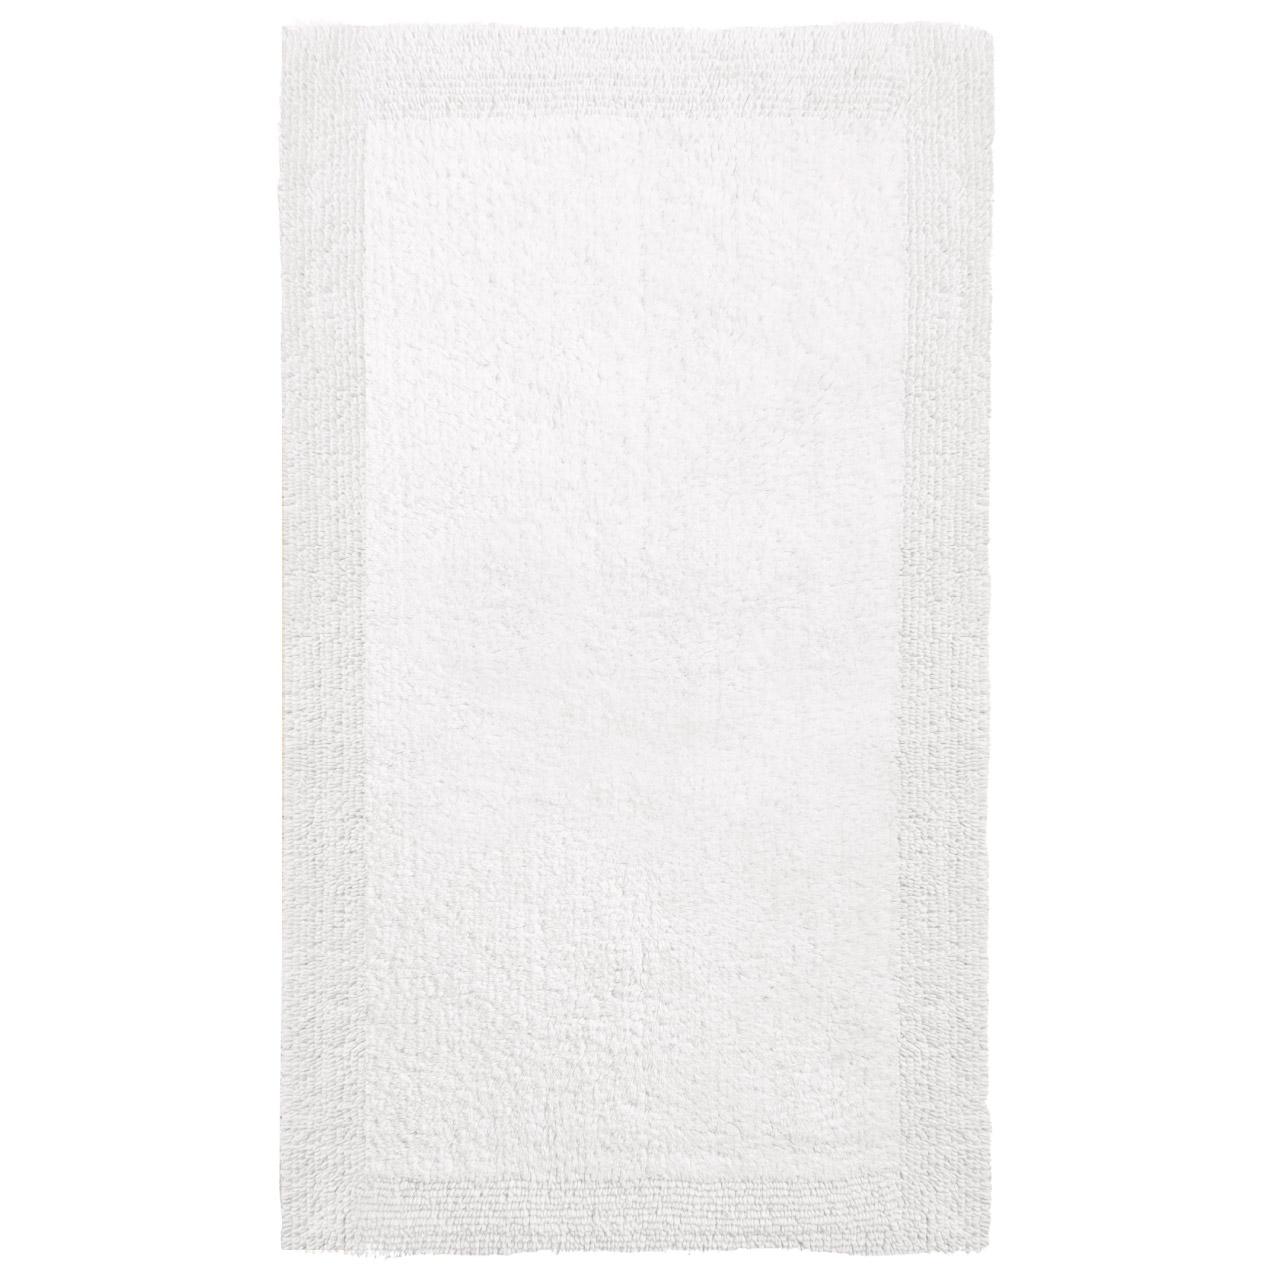 リダー バスルームカーペット エイミー 60×100 cm